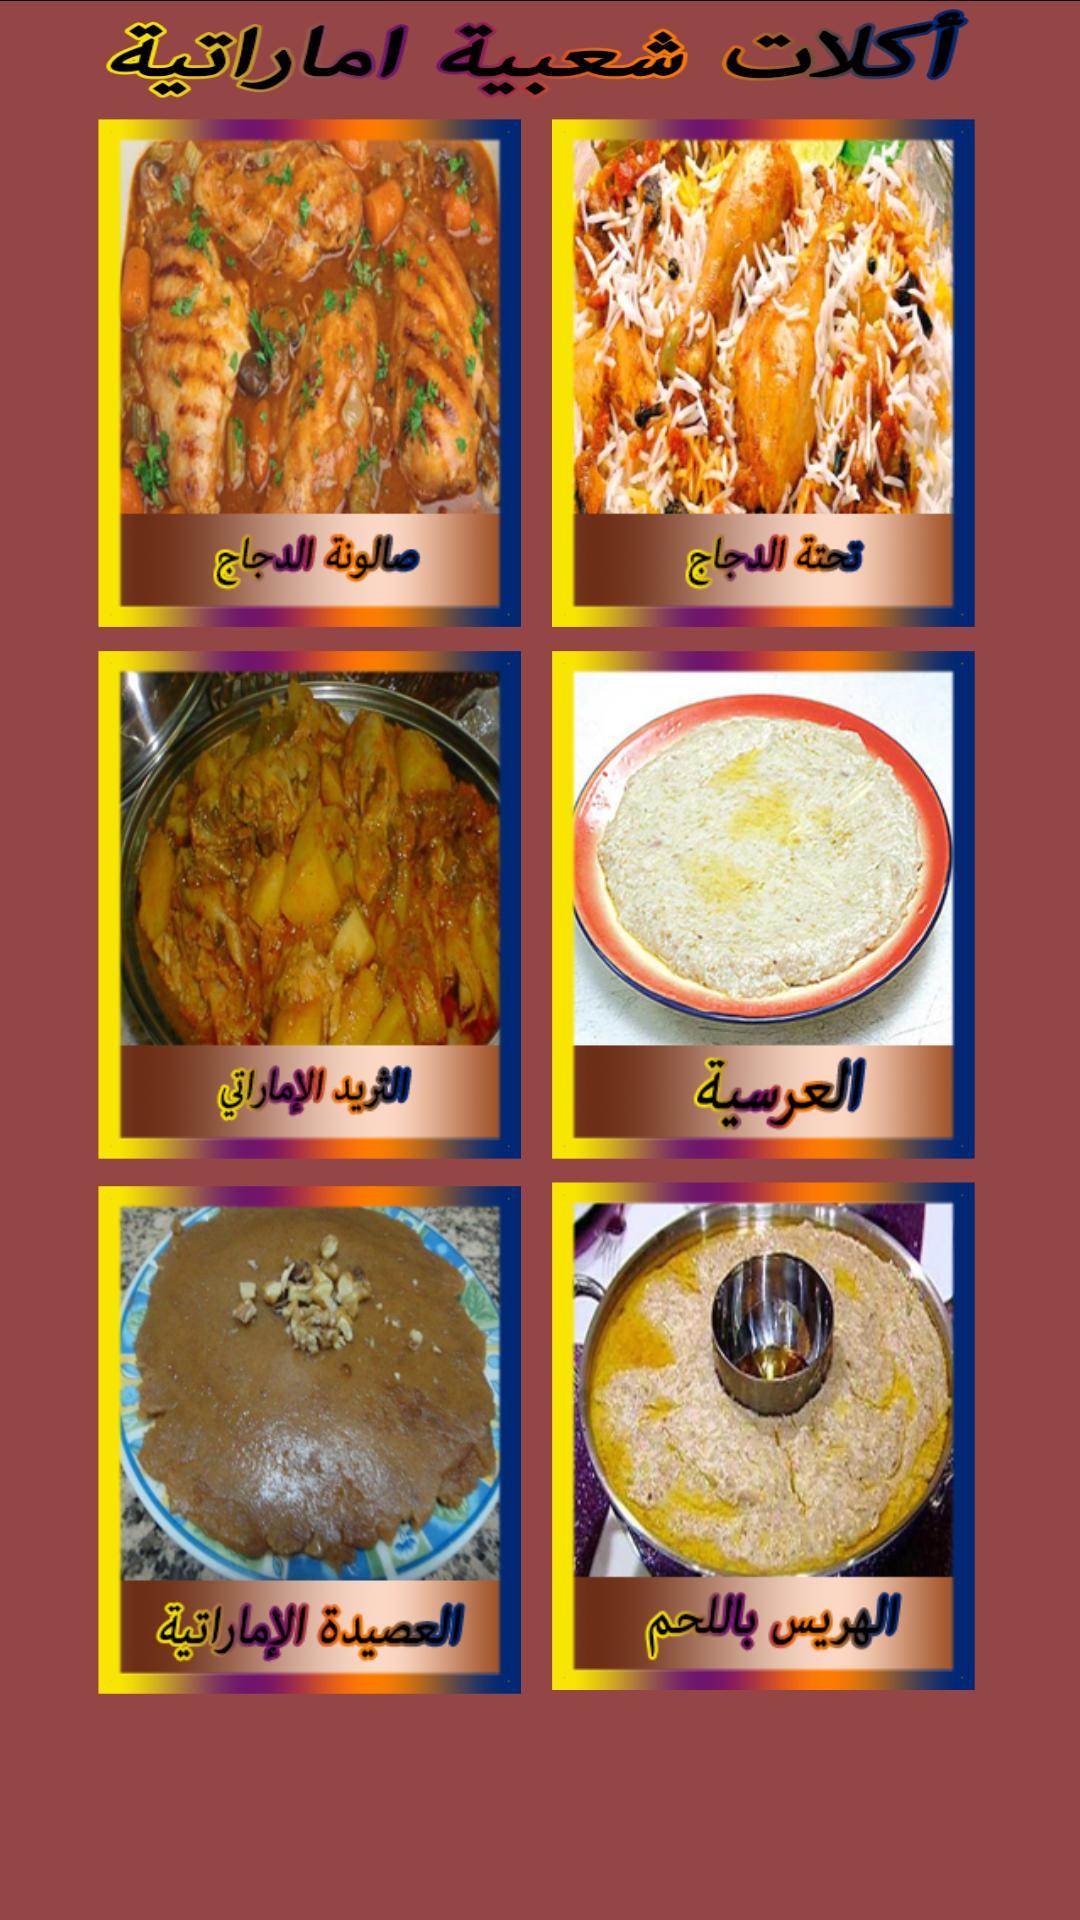 أكلات شعبية اماراتية For Android Apk Download